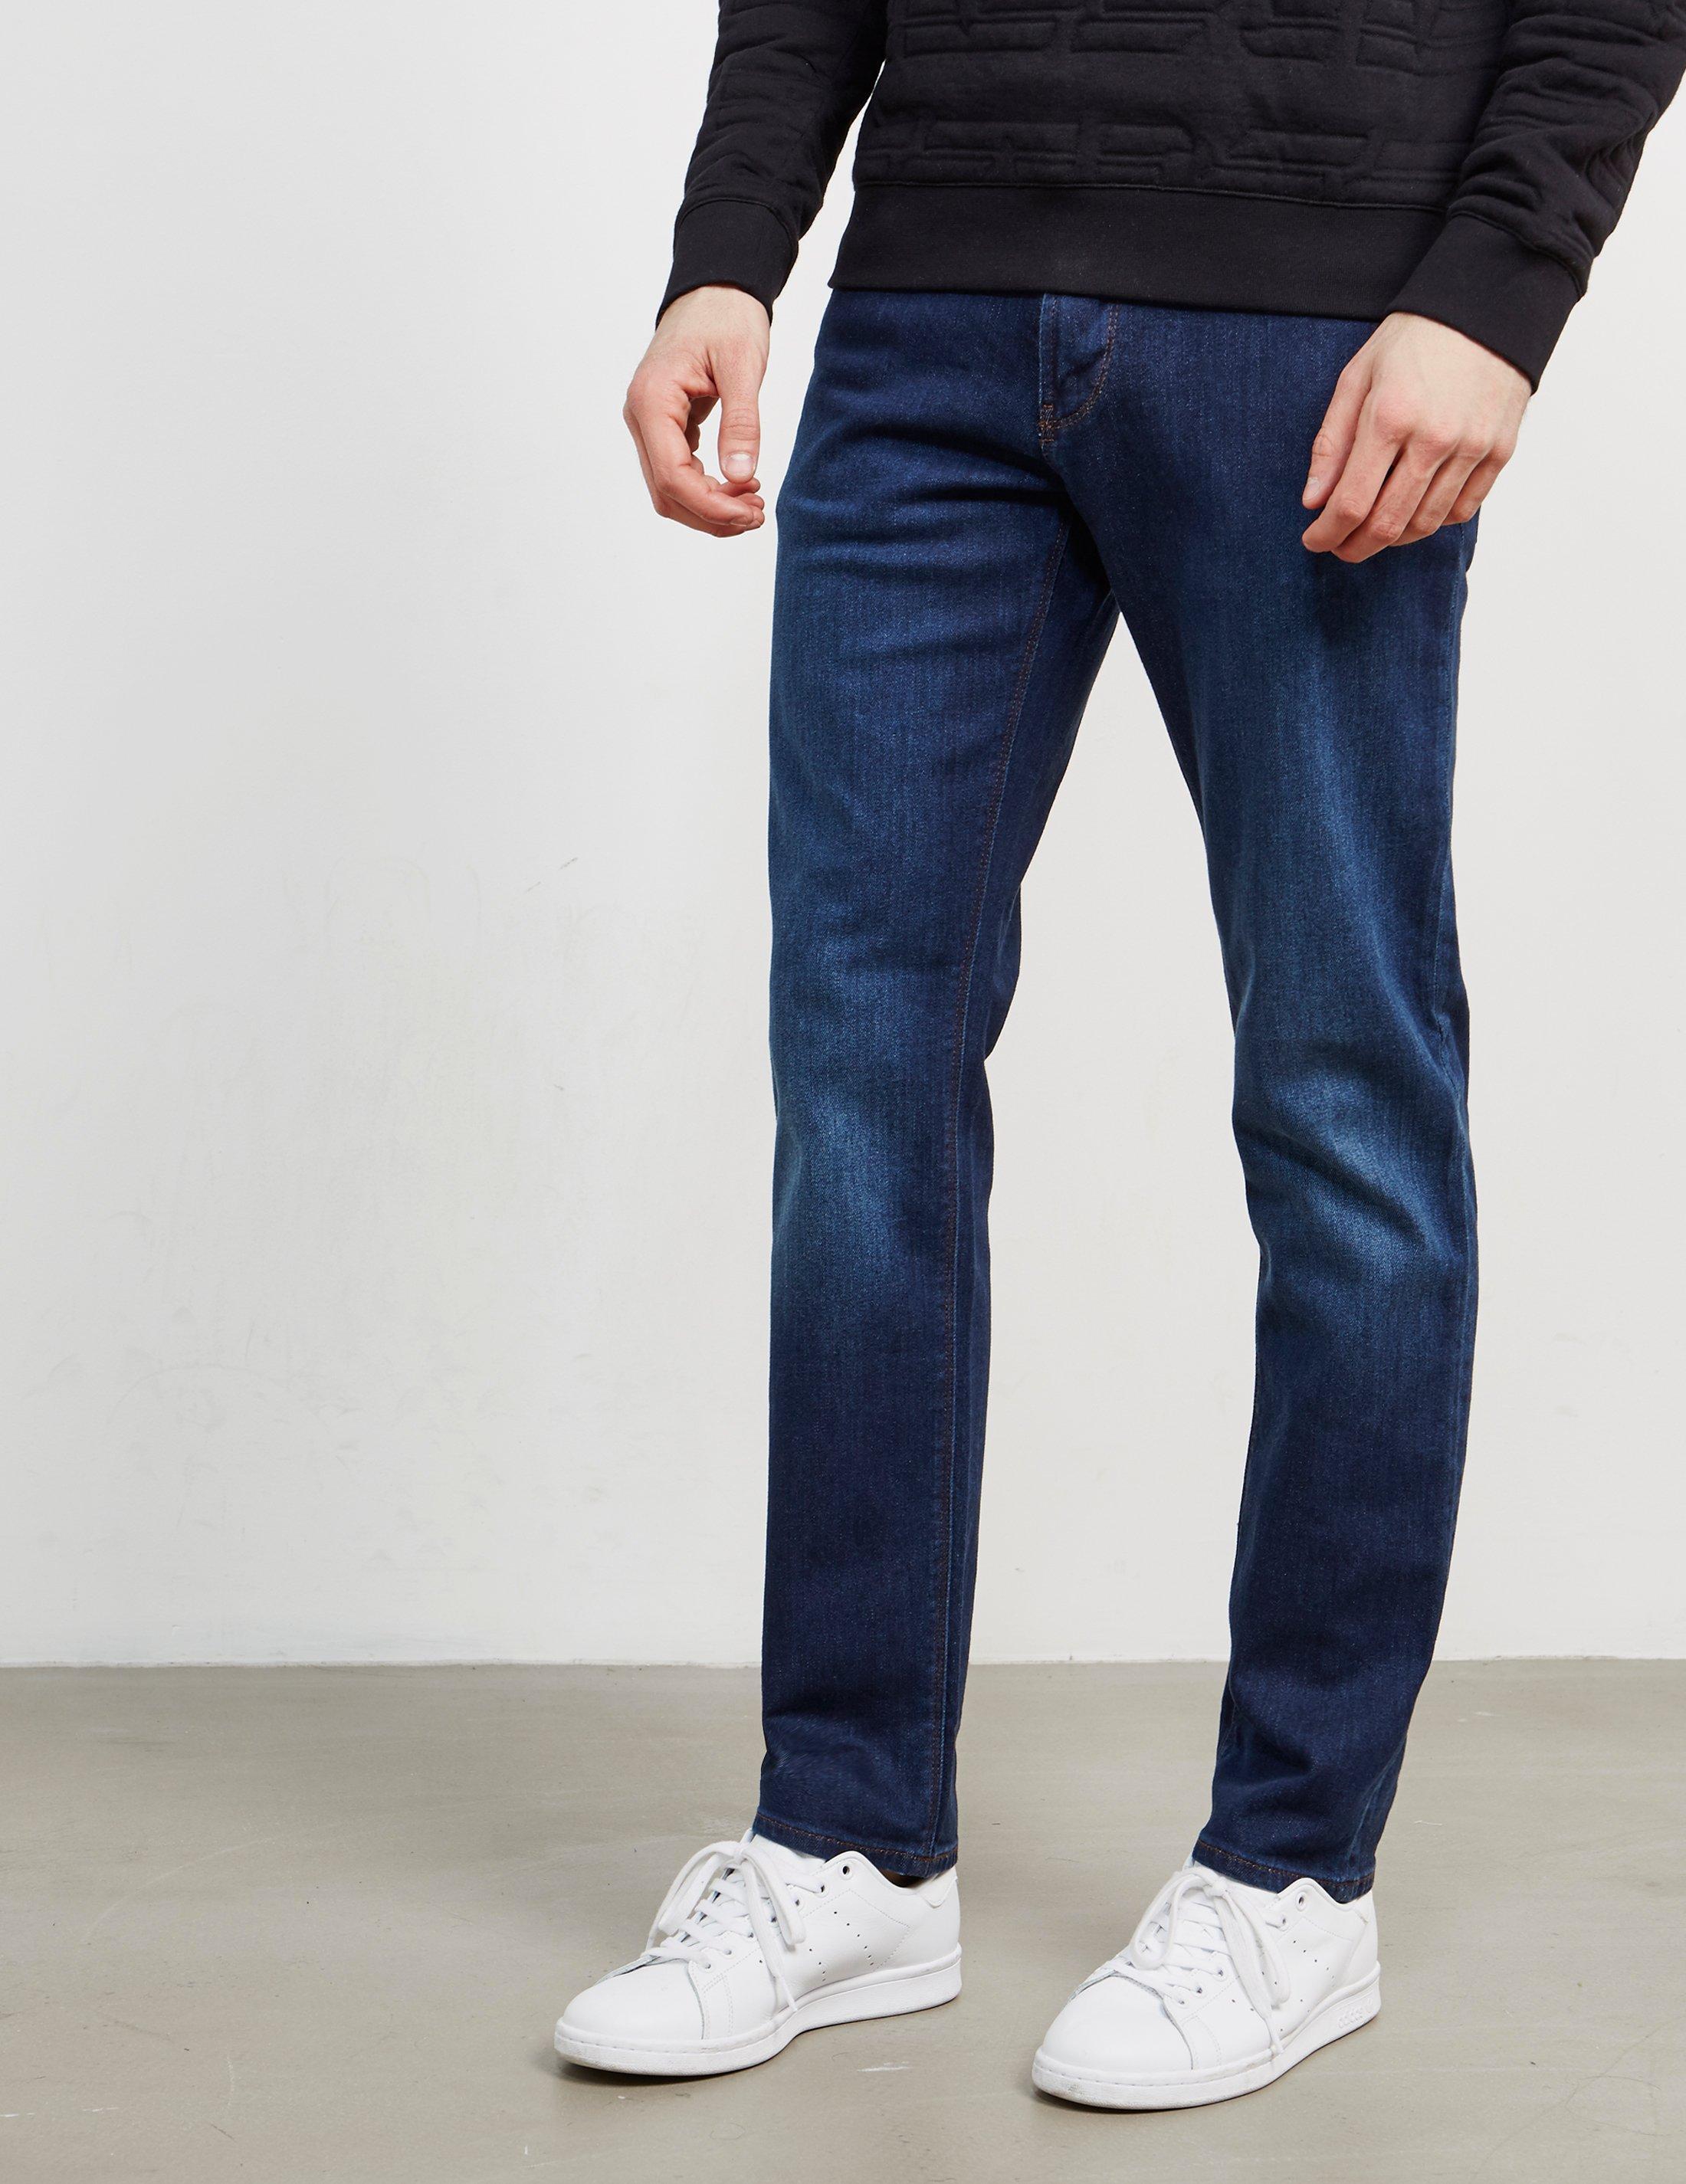 834f86439e1a2 Lyst - Emporio Armani Mens J06 Slim Jeans Blue in Blue for Men